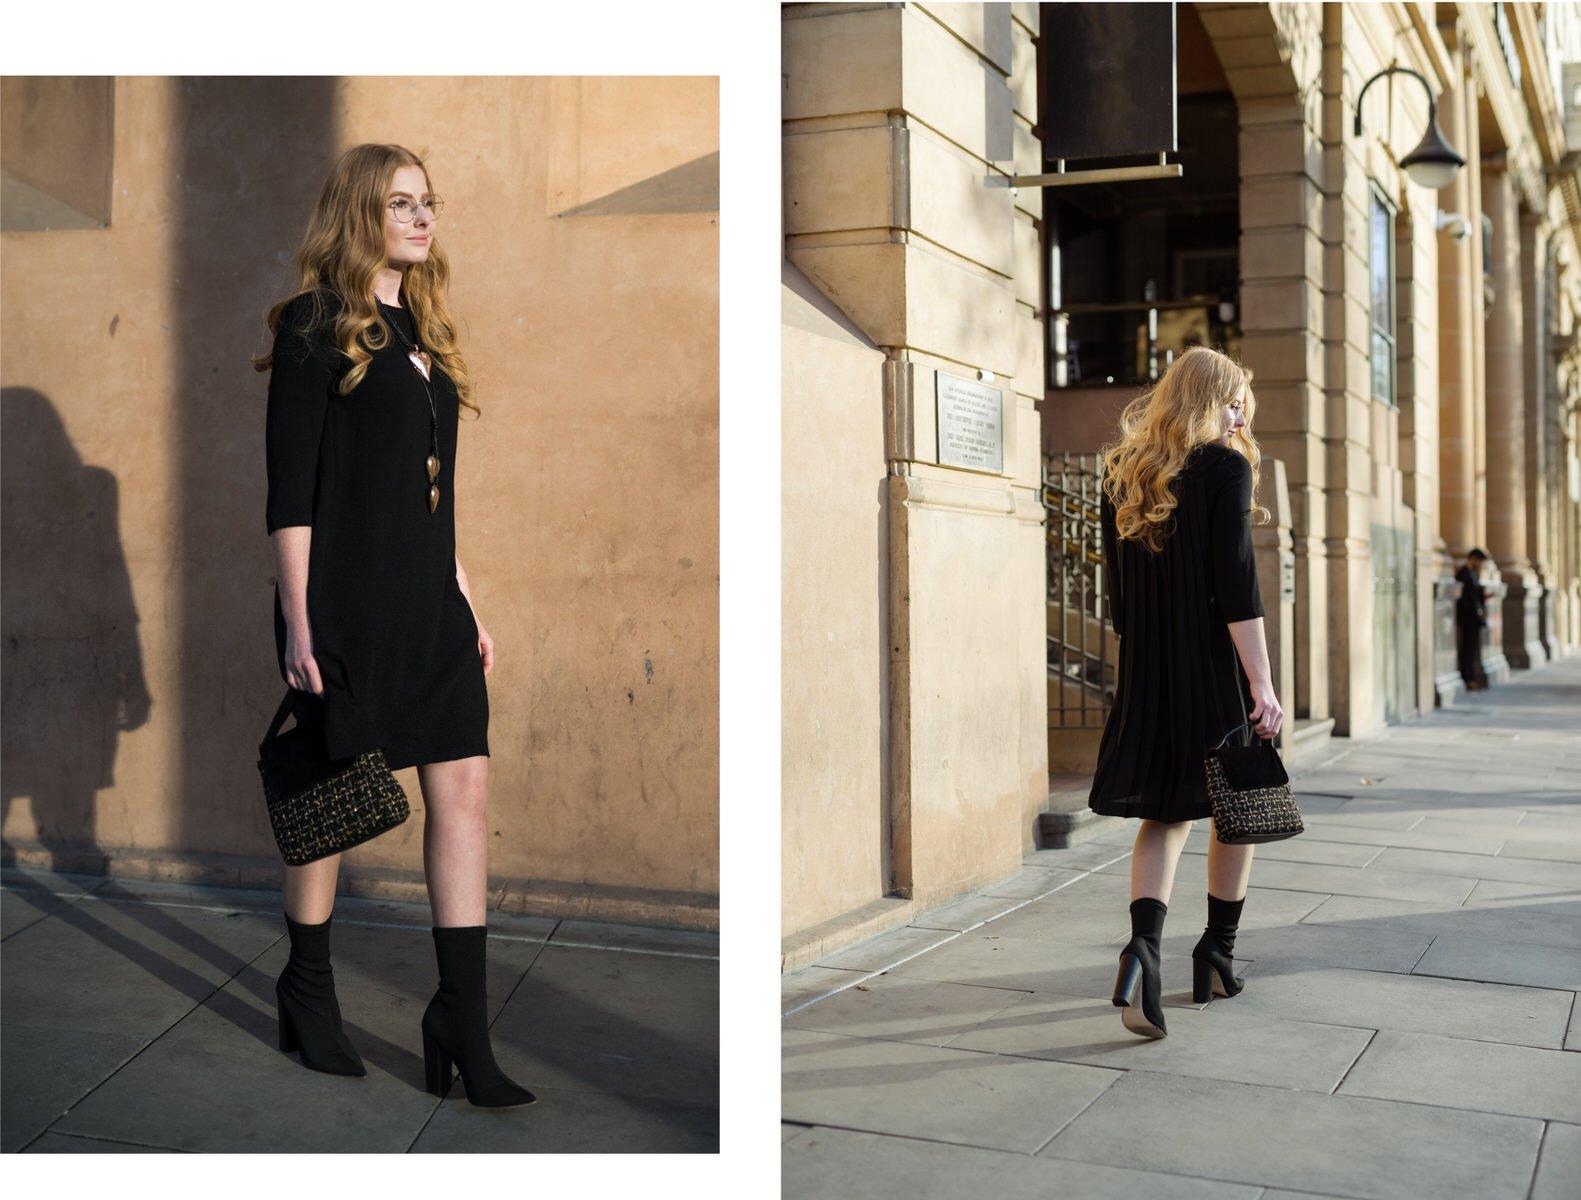 Tahlia Strawbridge models winter looks for the Myer Centre Adelaide